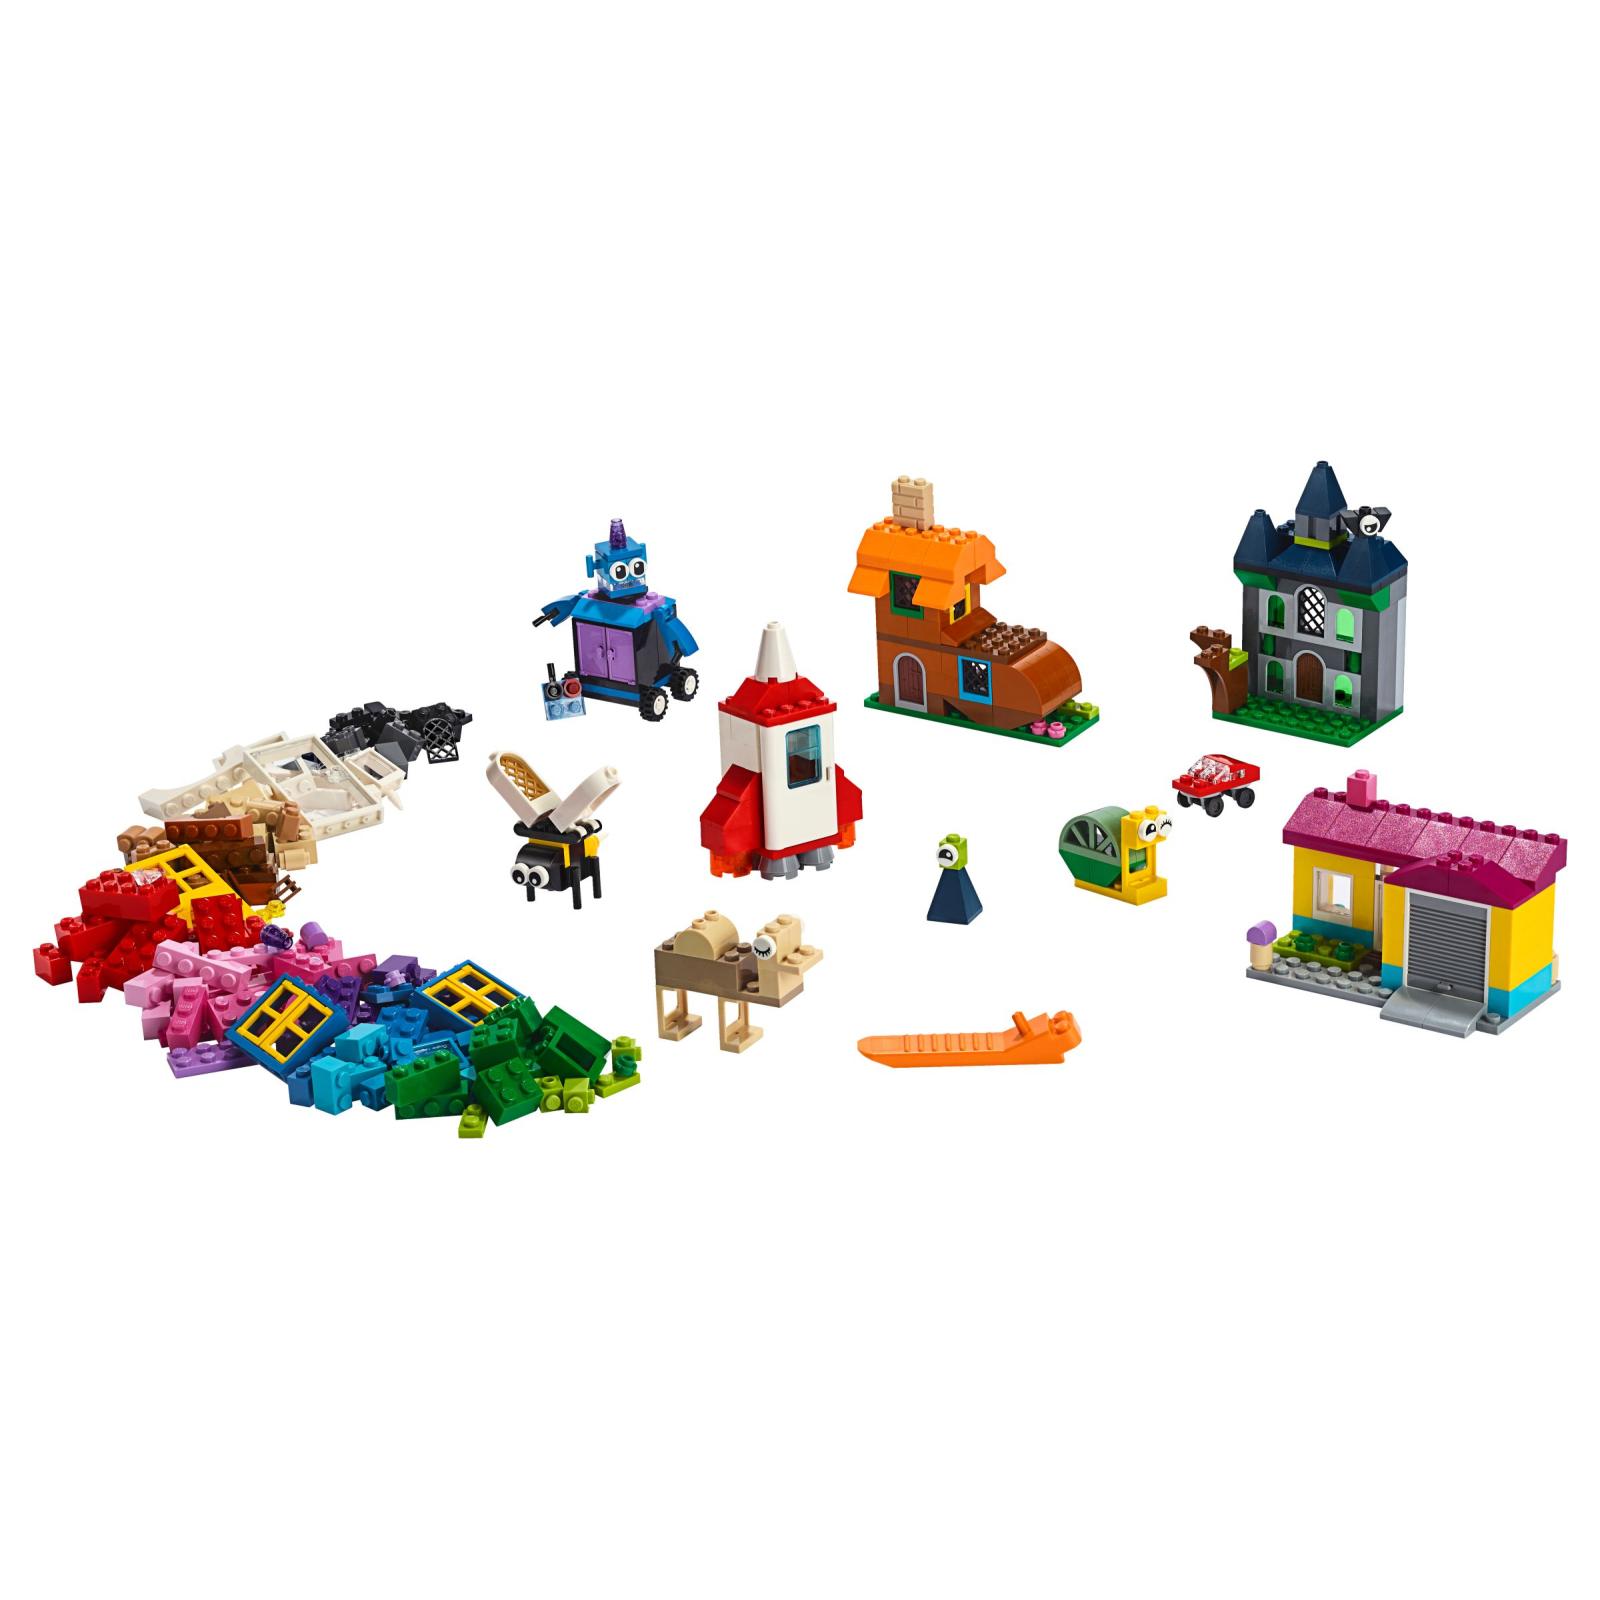 Конструктор LEGO Classic Набор для творчества с окнами 450 деталей (11004) изображение 2